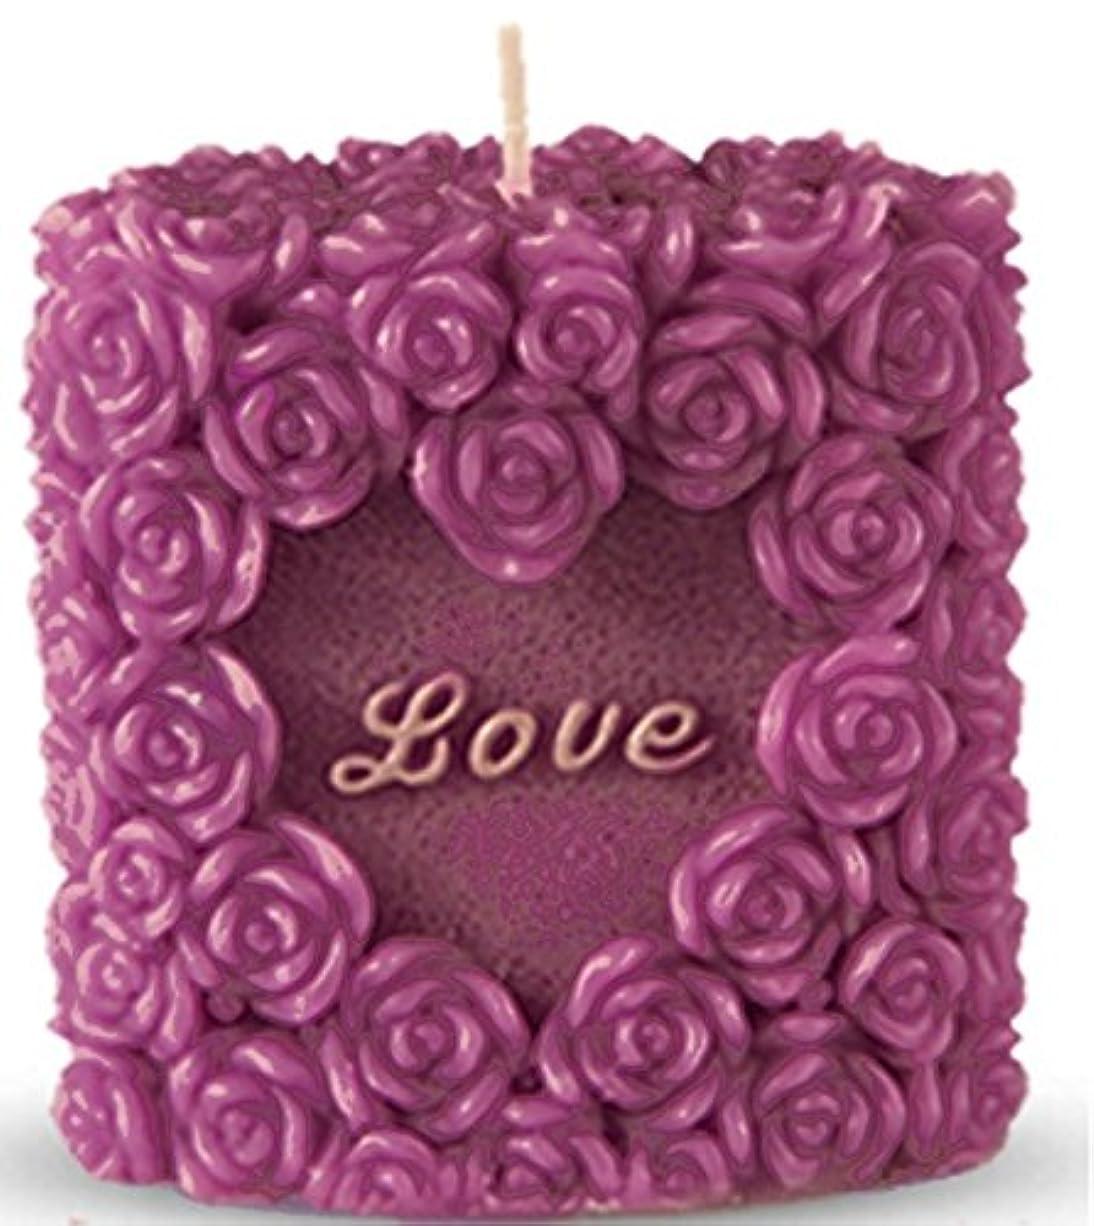 大砲誇張する取り組む(Valentine Package) - Romantic Love Candle, Rose Design, Smokeless, Elegant, Non-Drip, Fragrant, Rosy and Premium...